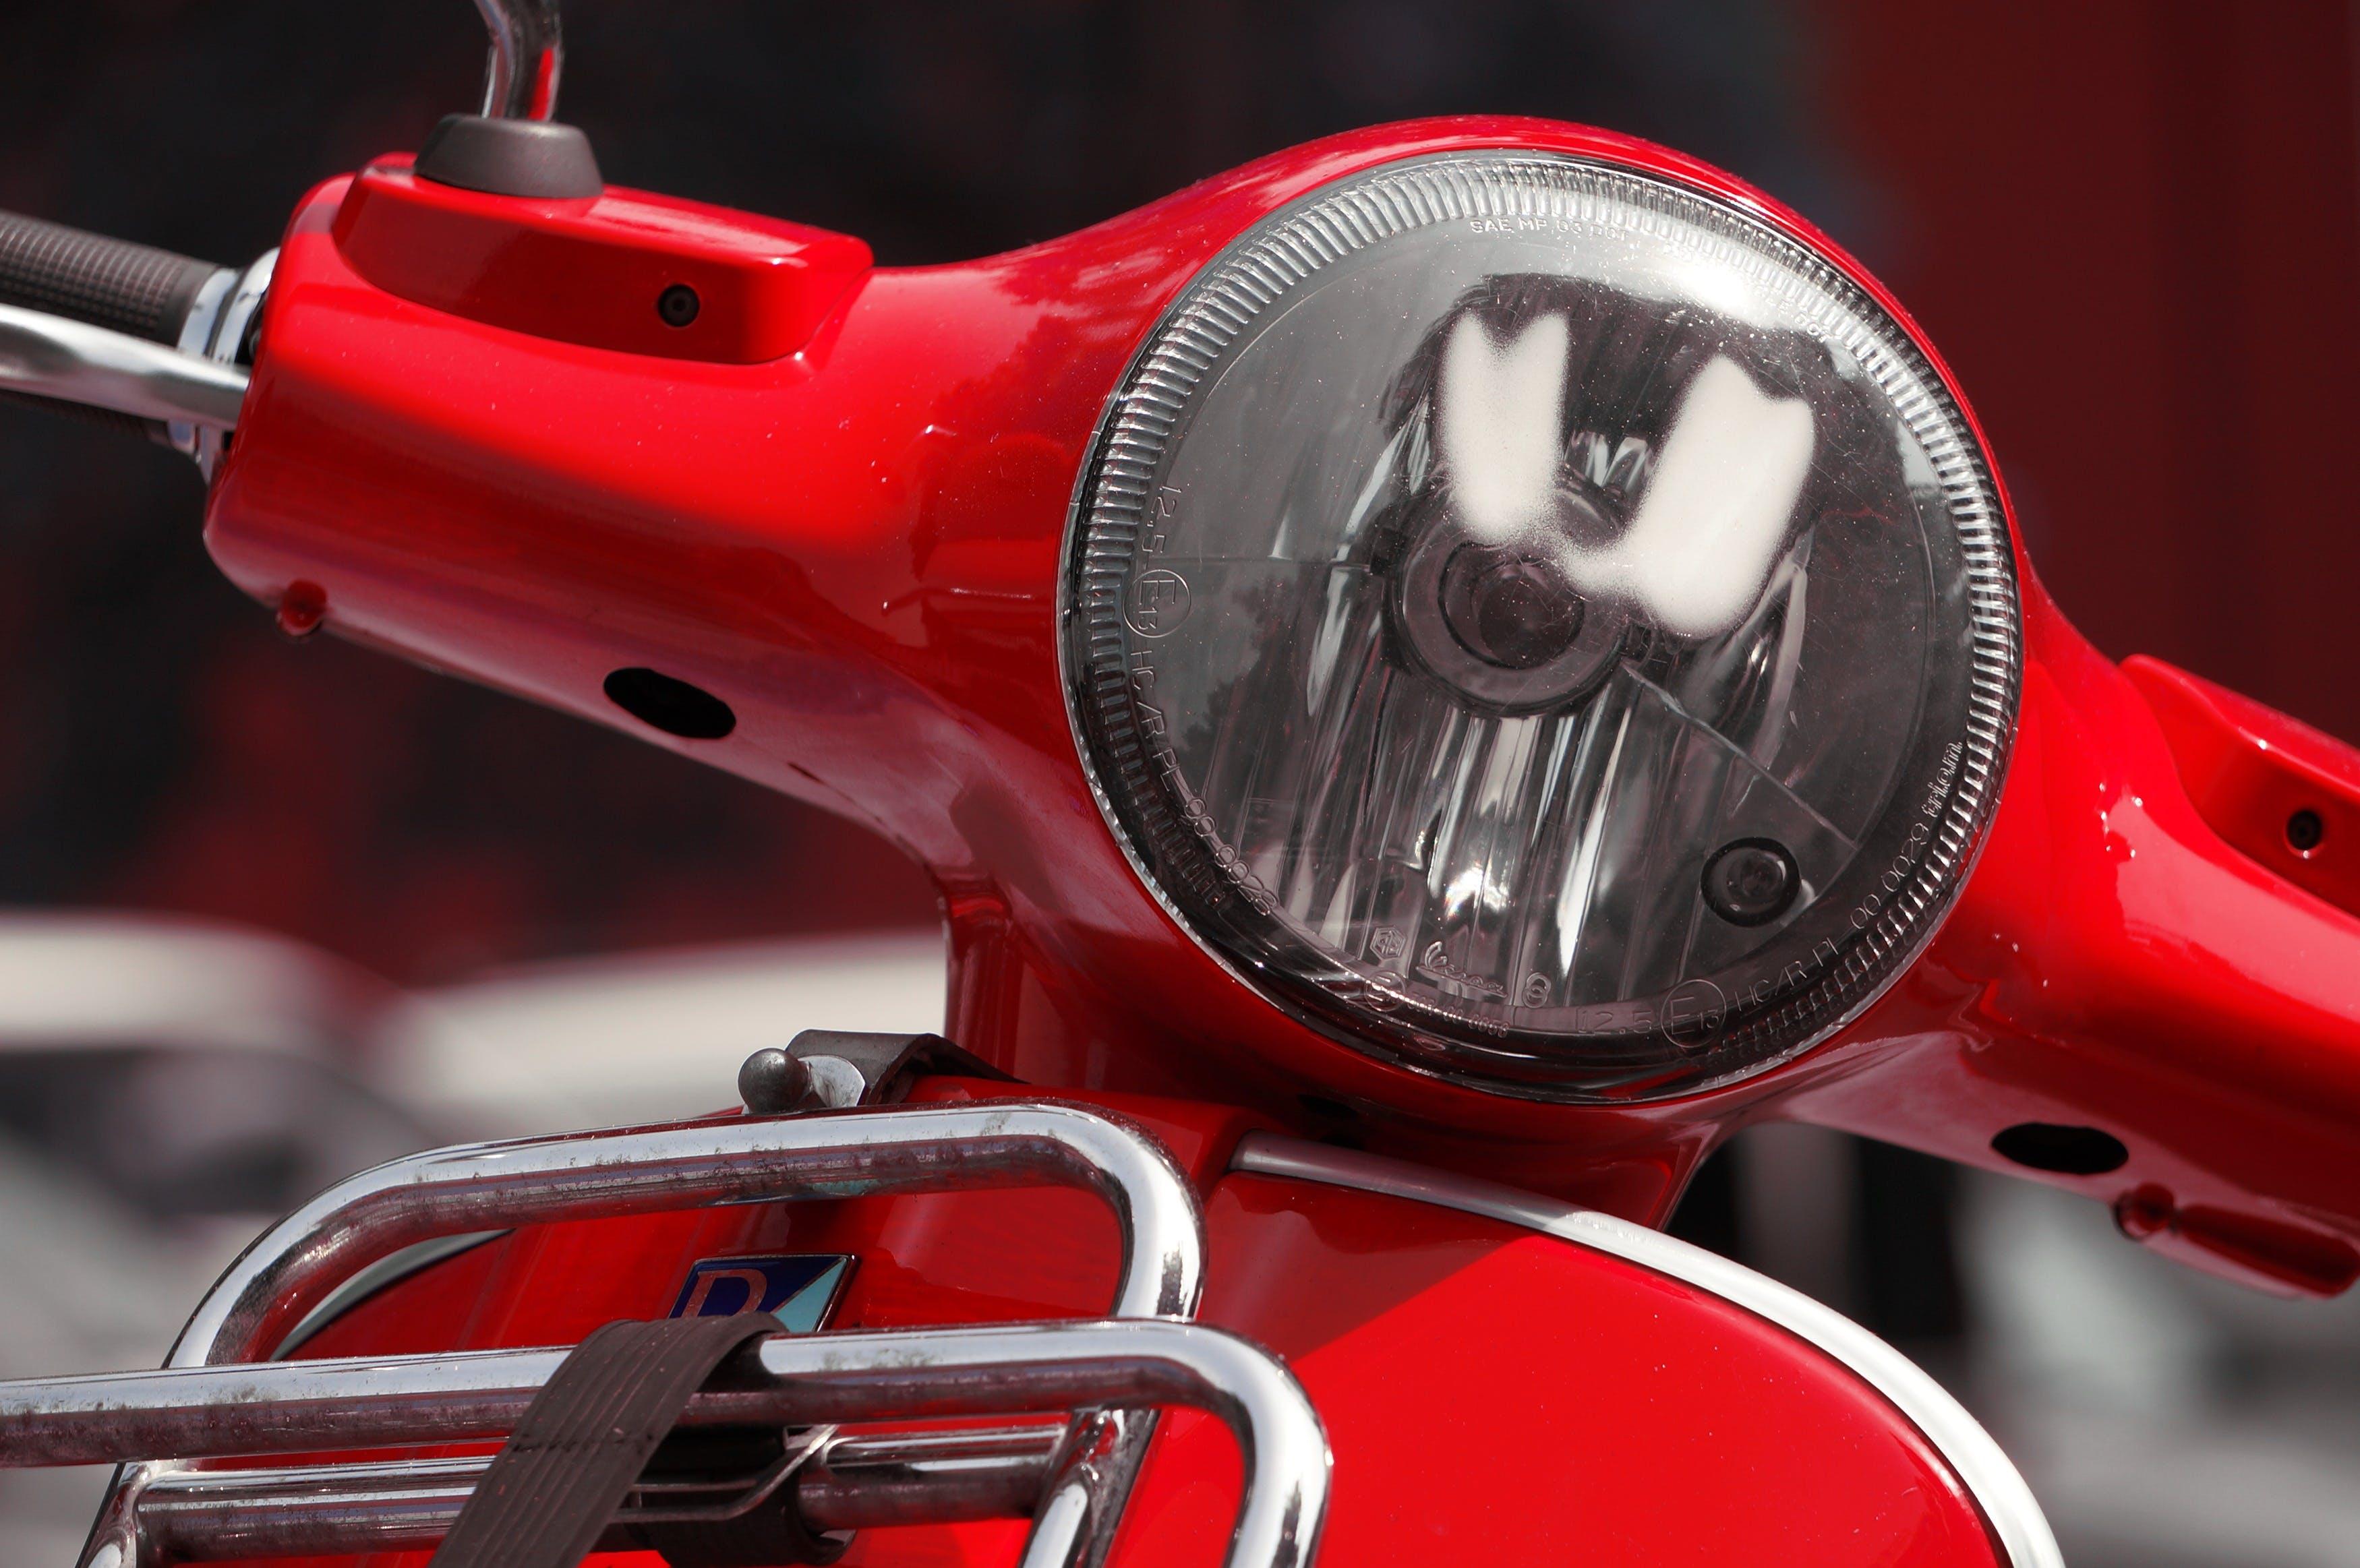 far, kırmızı, motosiklet, nakliye içeren Ücretsiz stok fotoğraf